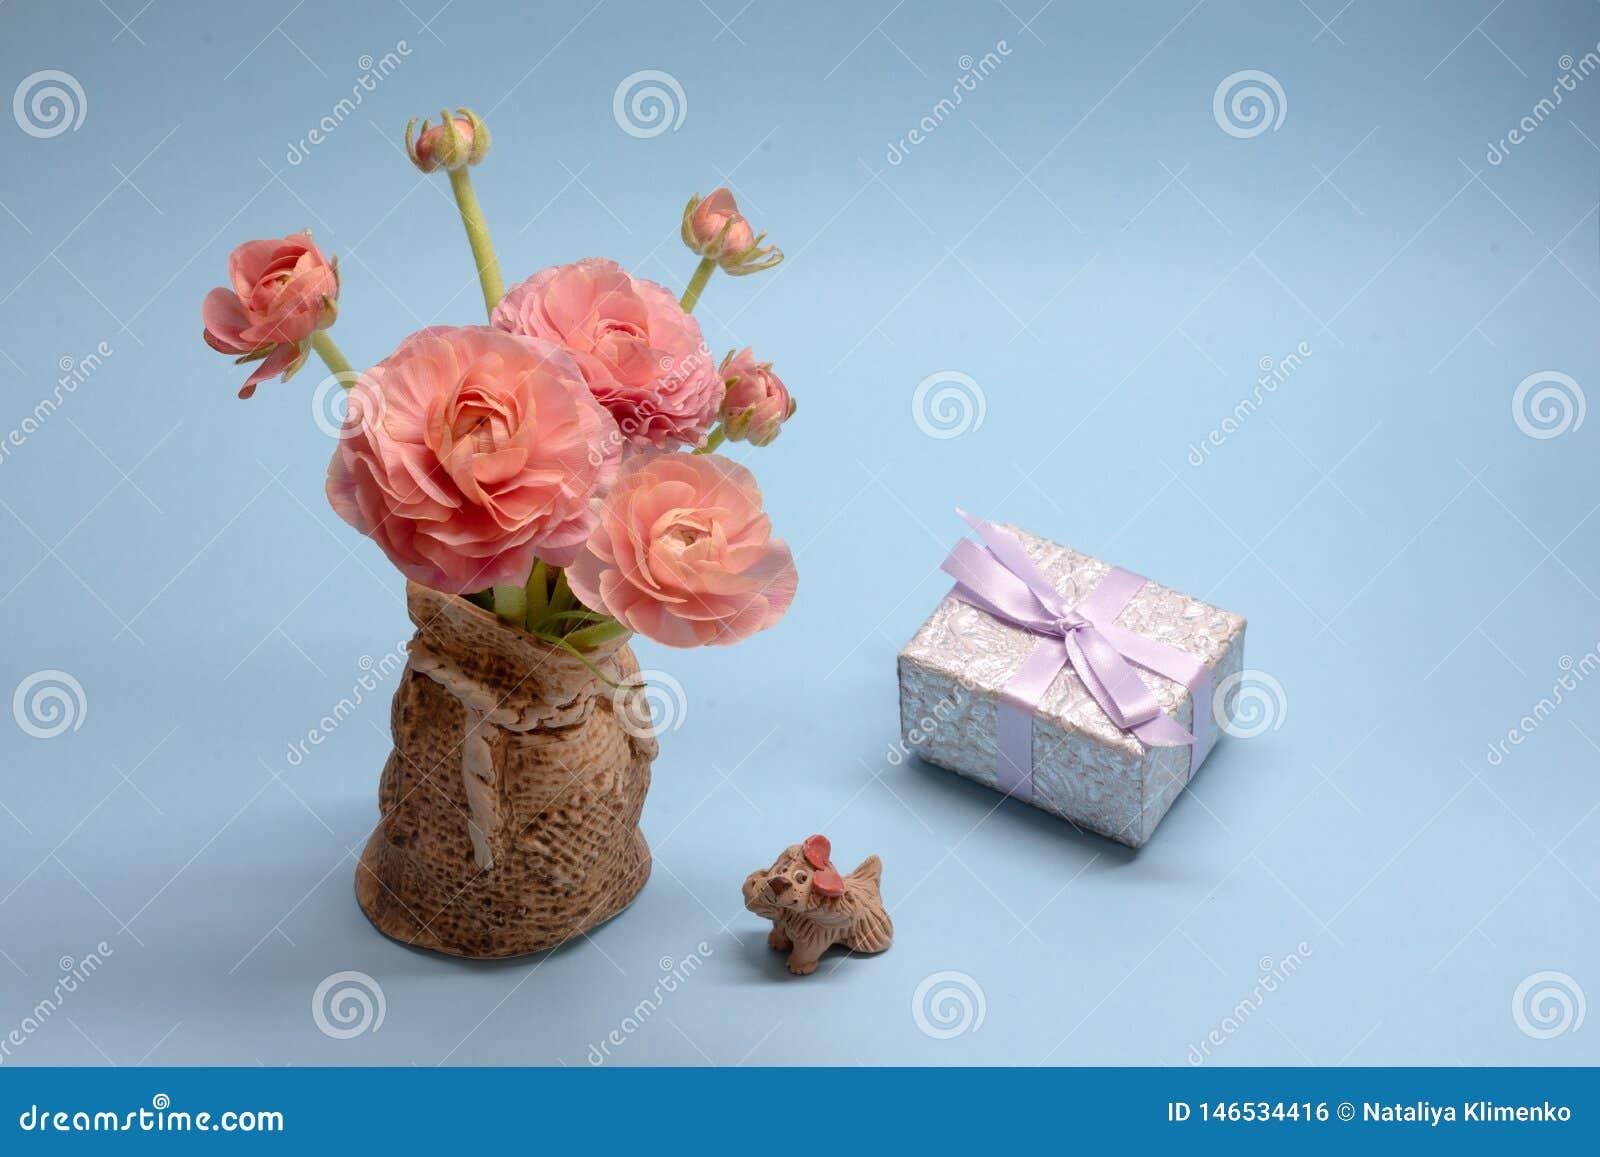 Χαριτωμένη ανθοδέσμη των τρυφερών ρόδινων νεραγκουλών και ένα δώρο σε ένα μπλε υπόβαθρο